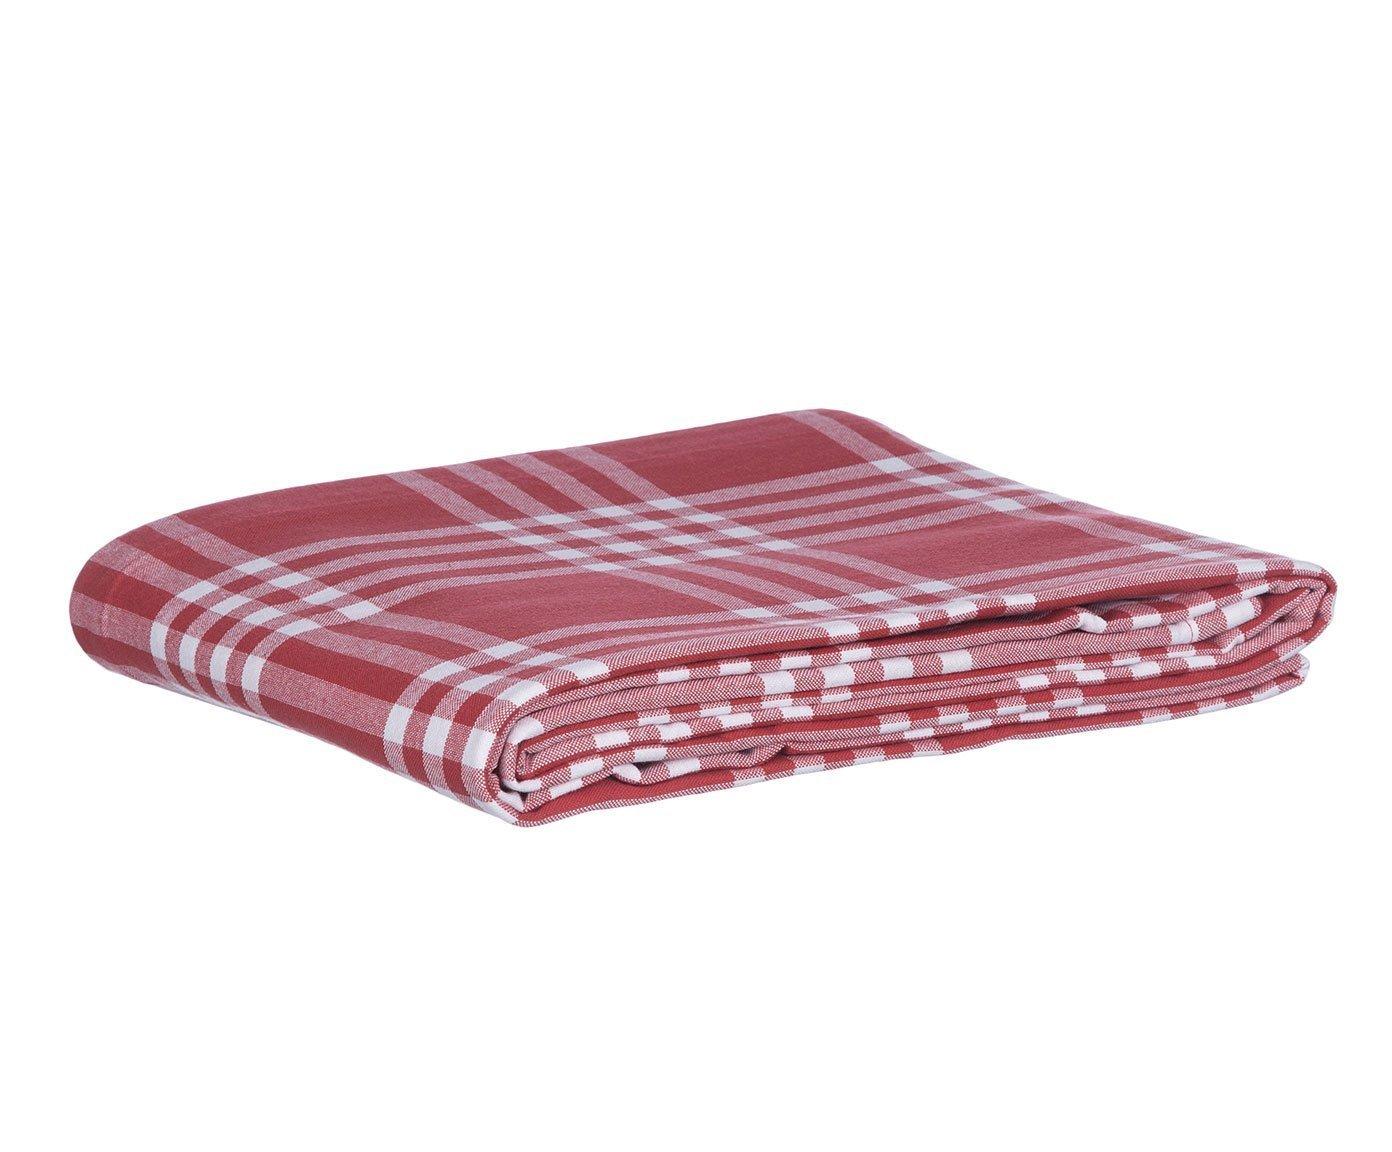 LEXINGTON 20201518001 Tischdecke, Baumwolle, Rot und Weiß, 150 x 250 x 1 cm